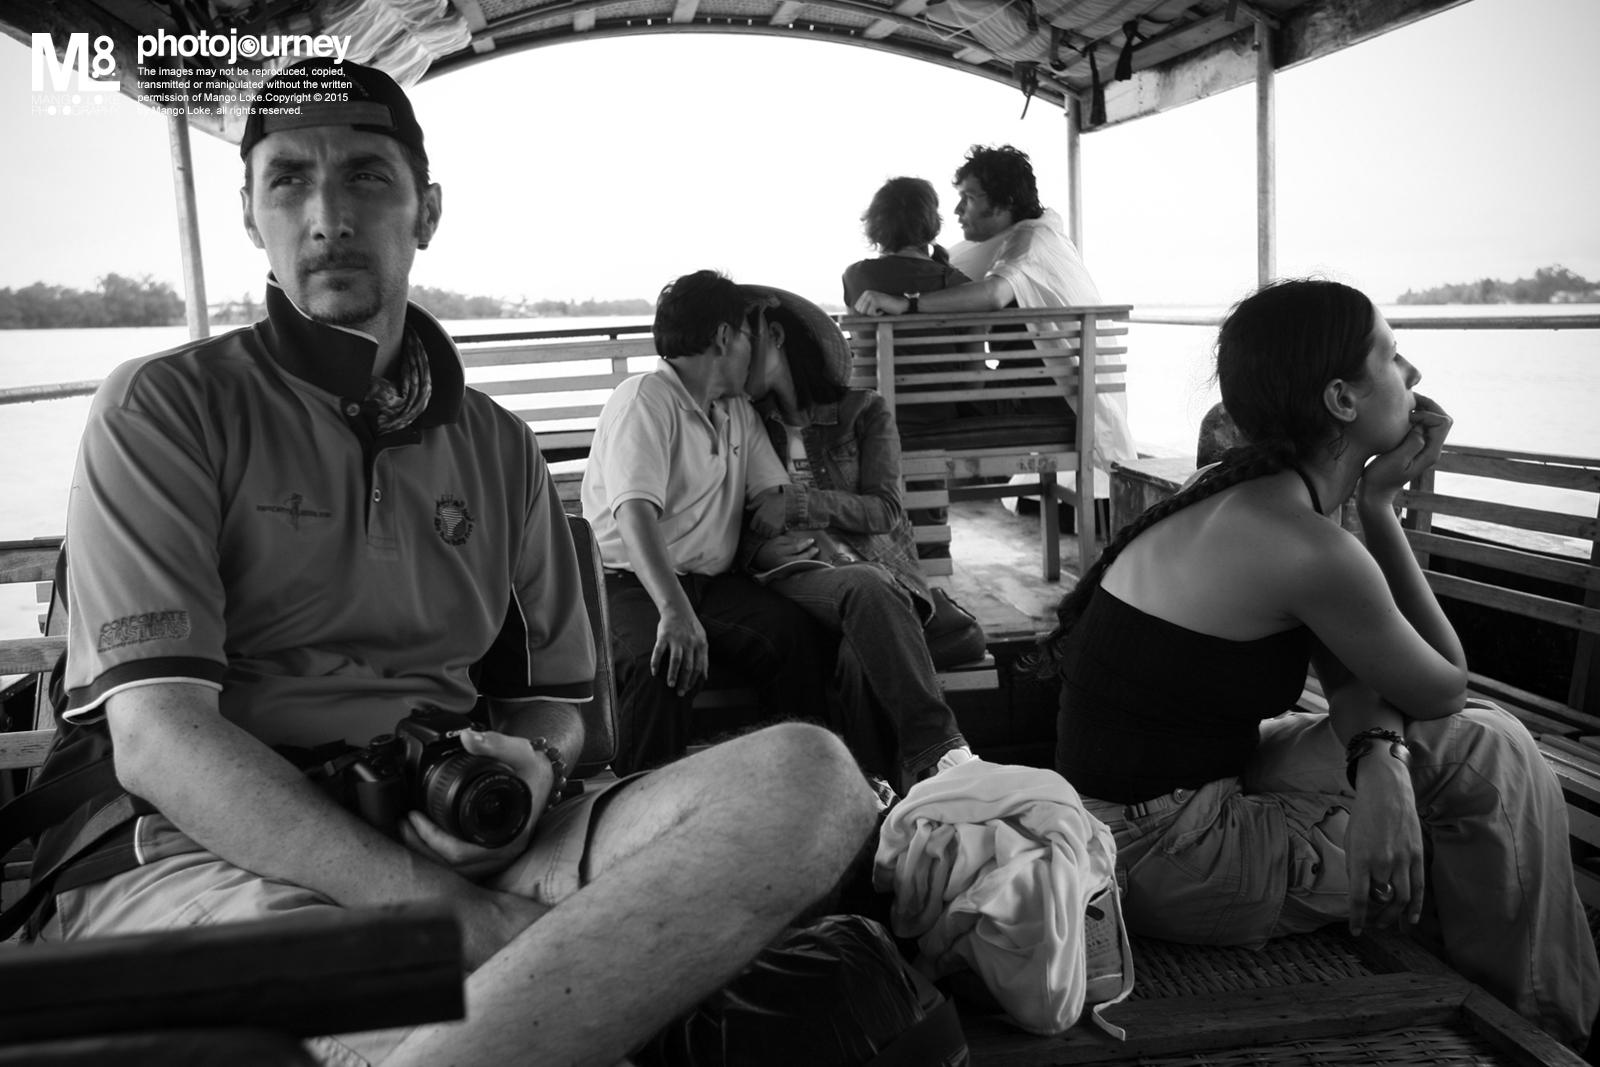 """抱过,吻过,分开. We hug before, We kiss before andnow We apart Vietnam 2008. Canon 1DMKIII 16-35mm f2.8L 1/250 f4.0 ISO200  前几天与相识多年的朋友聊天,聊起了摄影。 她说我多年前有一张照片令她印象深刻, 甚至乎至今就连标题都任然记得清楚.  回到家后立刻由电脑找出七年前的哪一张照片. """"We hug before, We kiss before and now We apart"""".  时间过得真快,如此一闪就七年了. 过去无论是好是坏,都过去了. 留下的一段回忆也已经释怀.   此时听着陈奕迅的歌,""""  猜情尋""""好听。   https://www.youtube.com/watch?v=vFASUEFWvpY    猜情尋   曲:吳國敬/孫偉明   詞:林夕   編:吳國敬/孫偉明    遊戲就算輸了亦有限 難過像過山車哪麼辦   前程不管可否錦繡 加燦爛   認真地玩 全心去玩 更好玩    遊戲若有輸也就有贏 除了力氣當然也講命   明明當初貪玩 怎麼想博命   何必面青 何必太驚 快聽聽    *別當你要奮勇血戰 無論聰穎或愚笨    猜猜情尋 雖不如人 不影響你笑臉迎人    沒有說過你要戰勝 留下歡樂便無憾    猜猜情尋 猜猜情尋 玩輸可以勝過別人    多一餐好教訓*     前進後退不過是個夢 搖過蕩過不失個好夢   前程不管可否錦繡 都有用   目標落空 才可有空 放輕鬆    REPEAT*    可以勝過別人 MMH... YEAH    REPEAT*    YEAH...... 不必當真"""